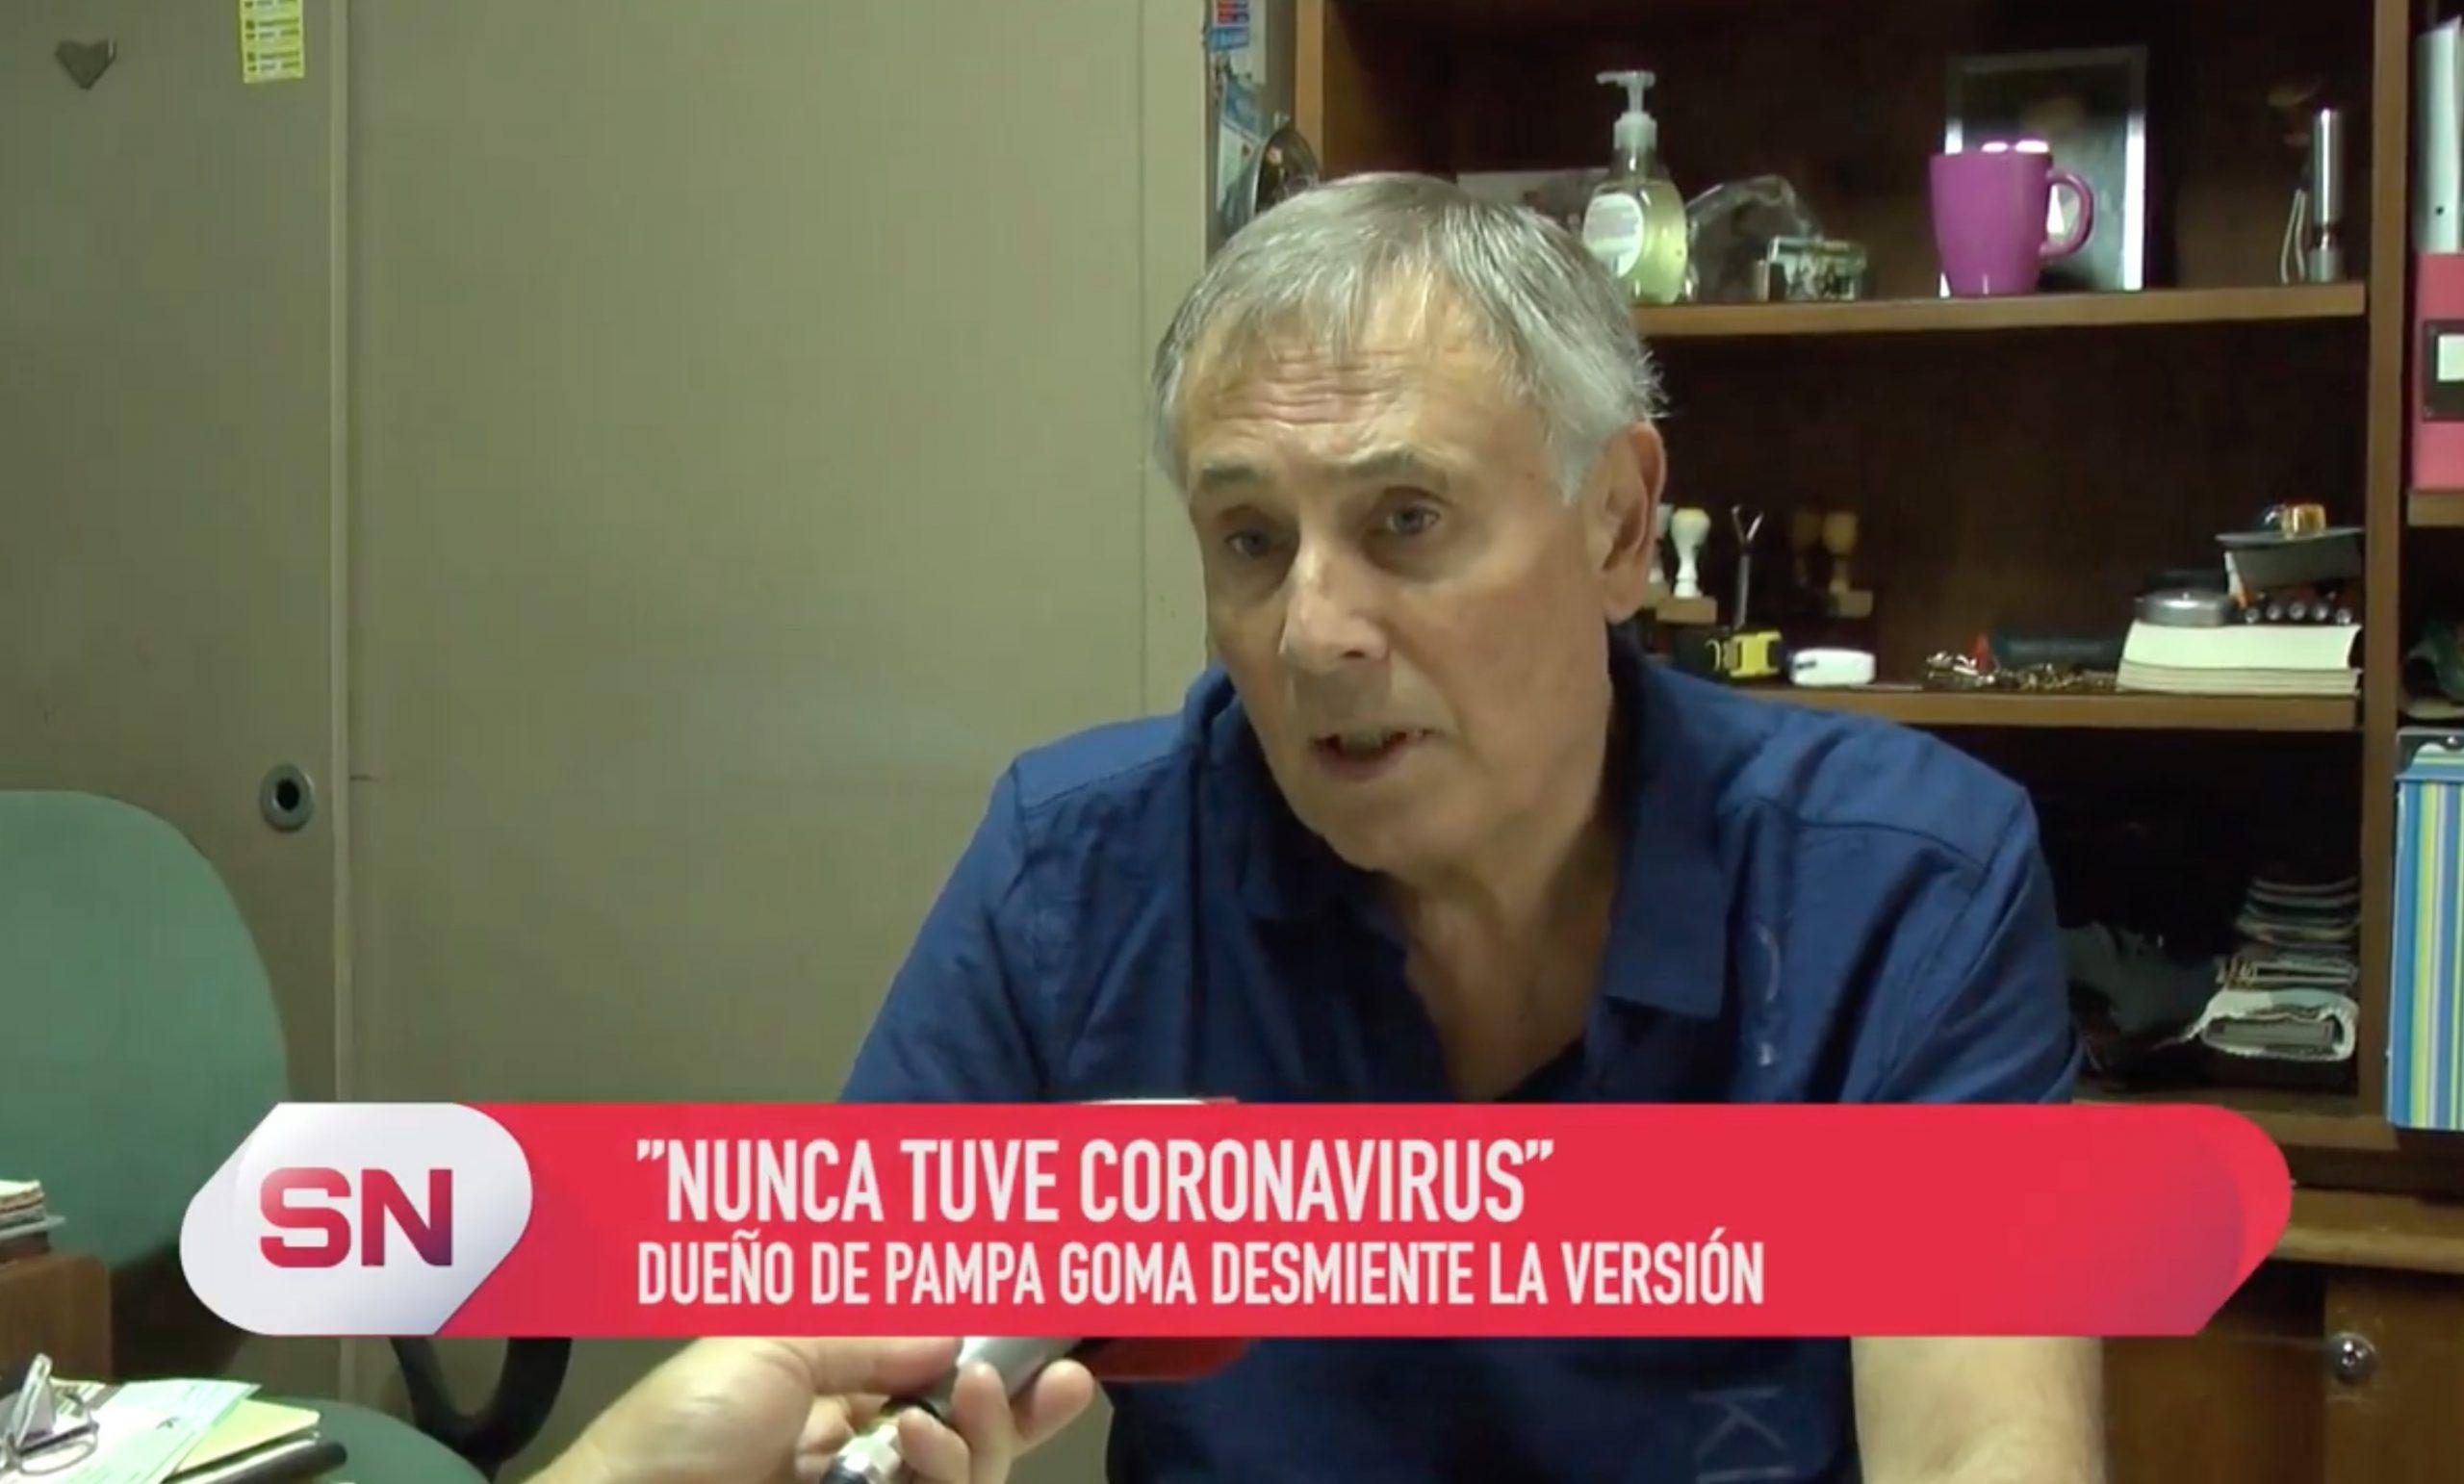 «Se corrió la bola de que tengo coronavirus y no viene nadie al negocio» la historia del santarroseño víctima del chisme y algún medio de comunicación